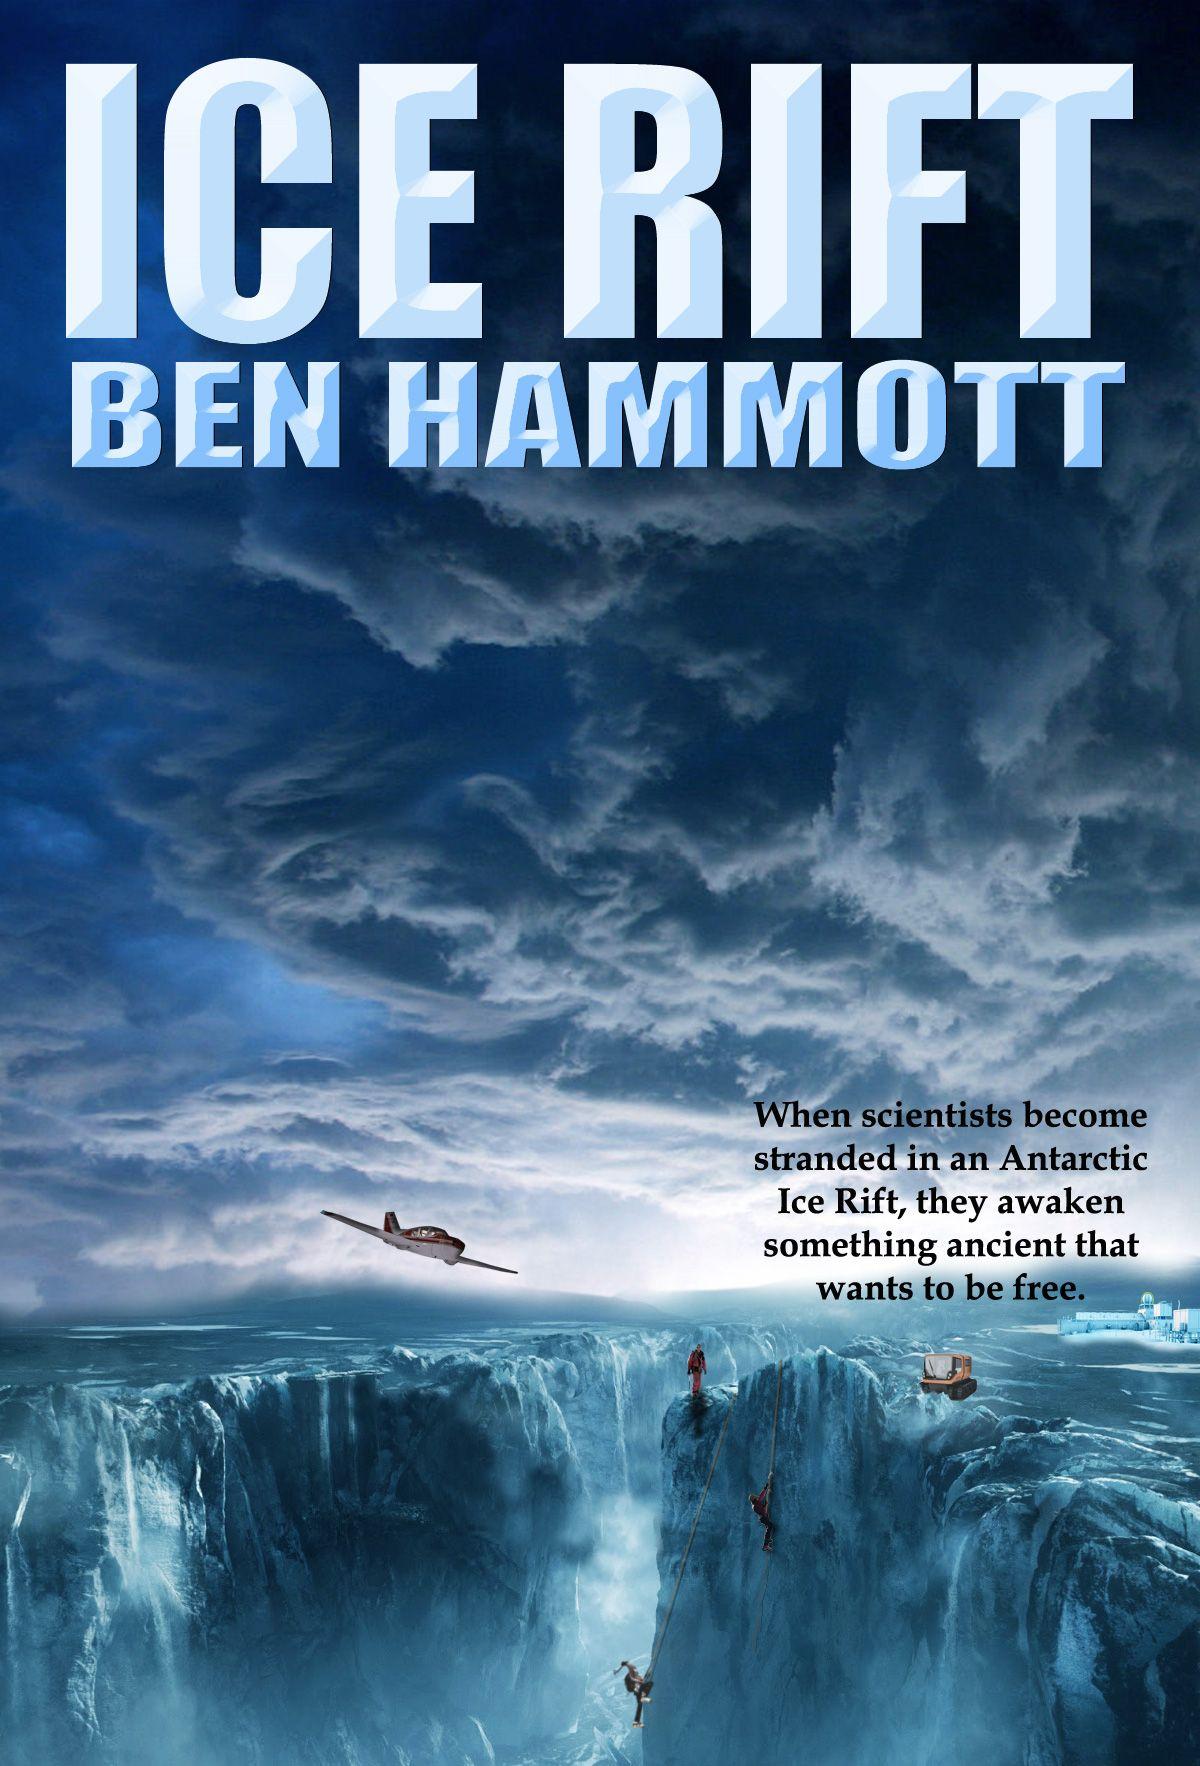 Ebook Deals On Ice Rift By Ben Hammott, Free And Discounted Ebook Deals For  Ice Rift And Other Great Books